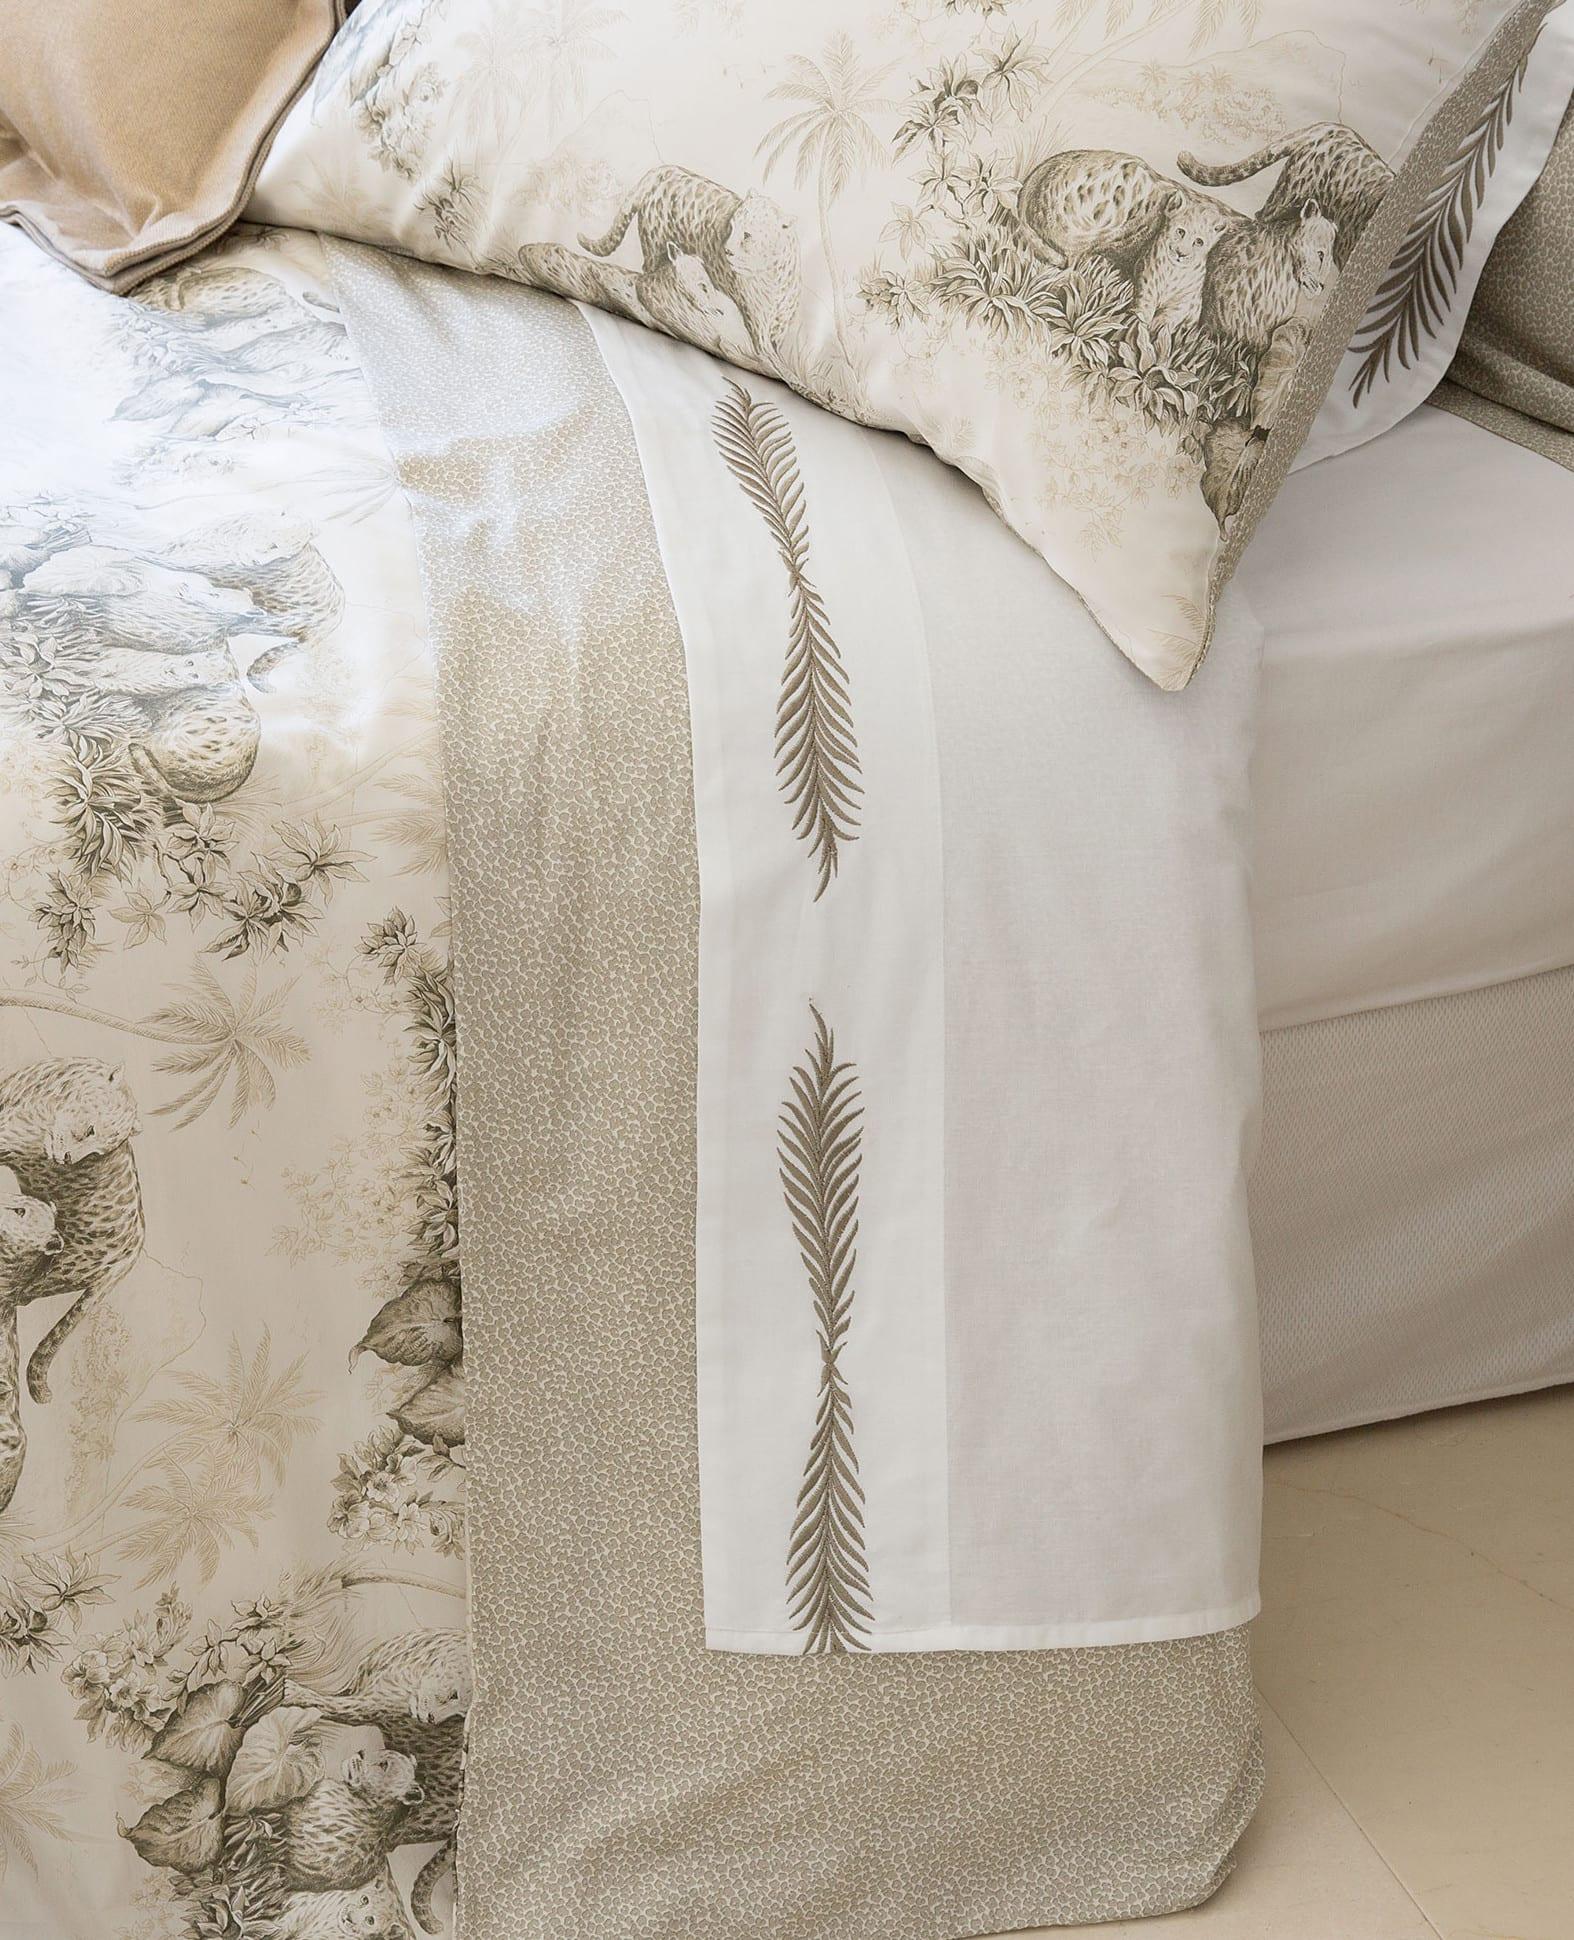 zara bettwäsche beige mit stickerei für gemütliche schlafzimmer einrichtung